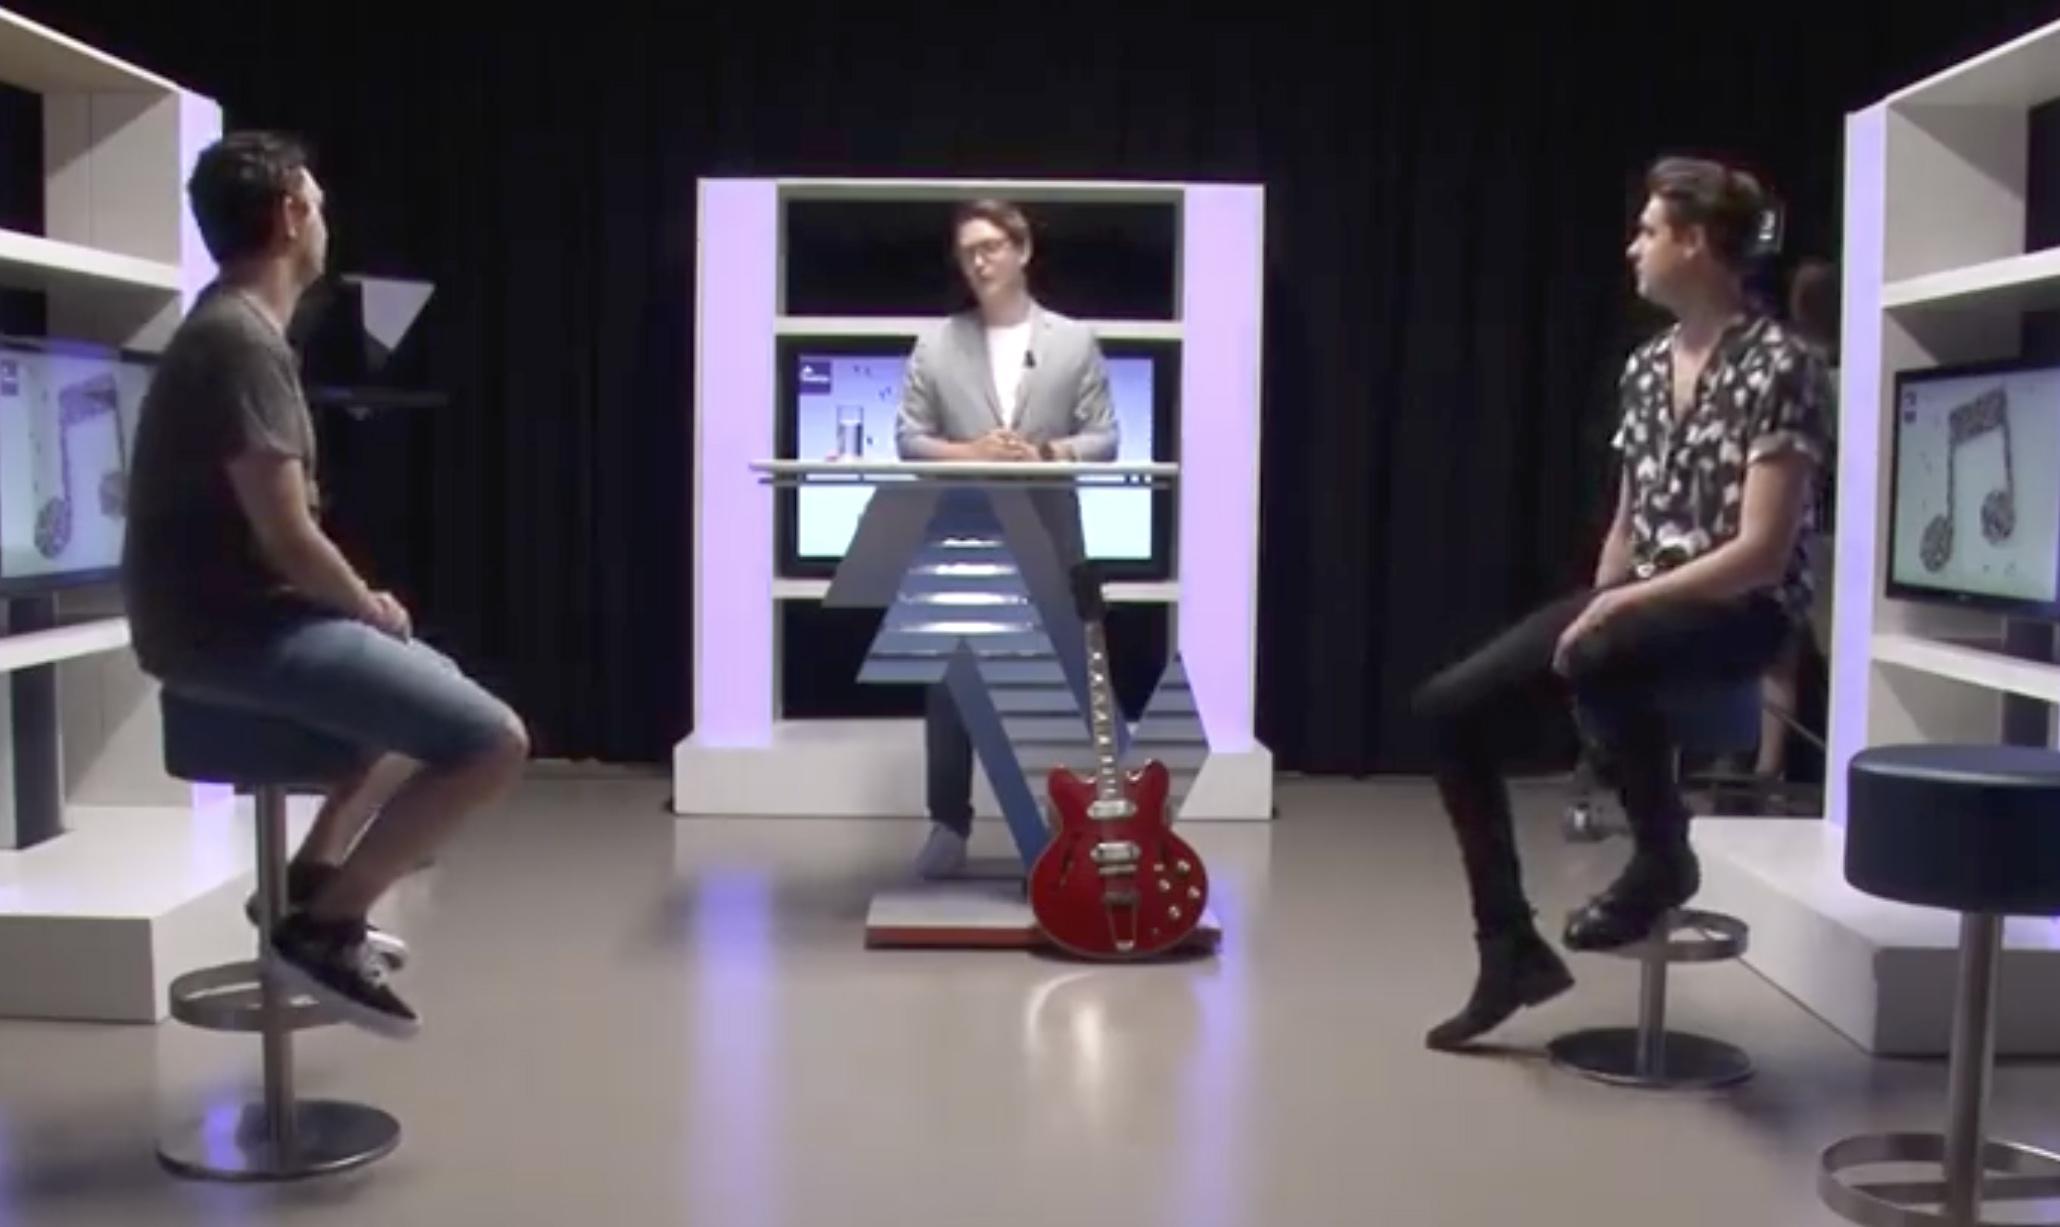 De video werd gelanceerd vanuit de FHJ-studio, met presentator Julian Klop (midden).